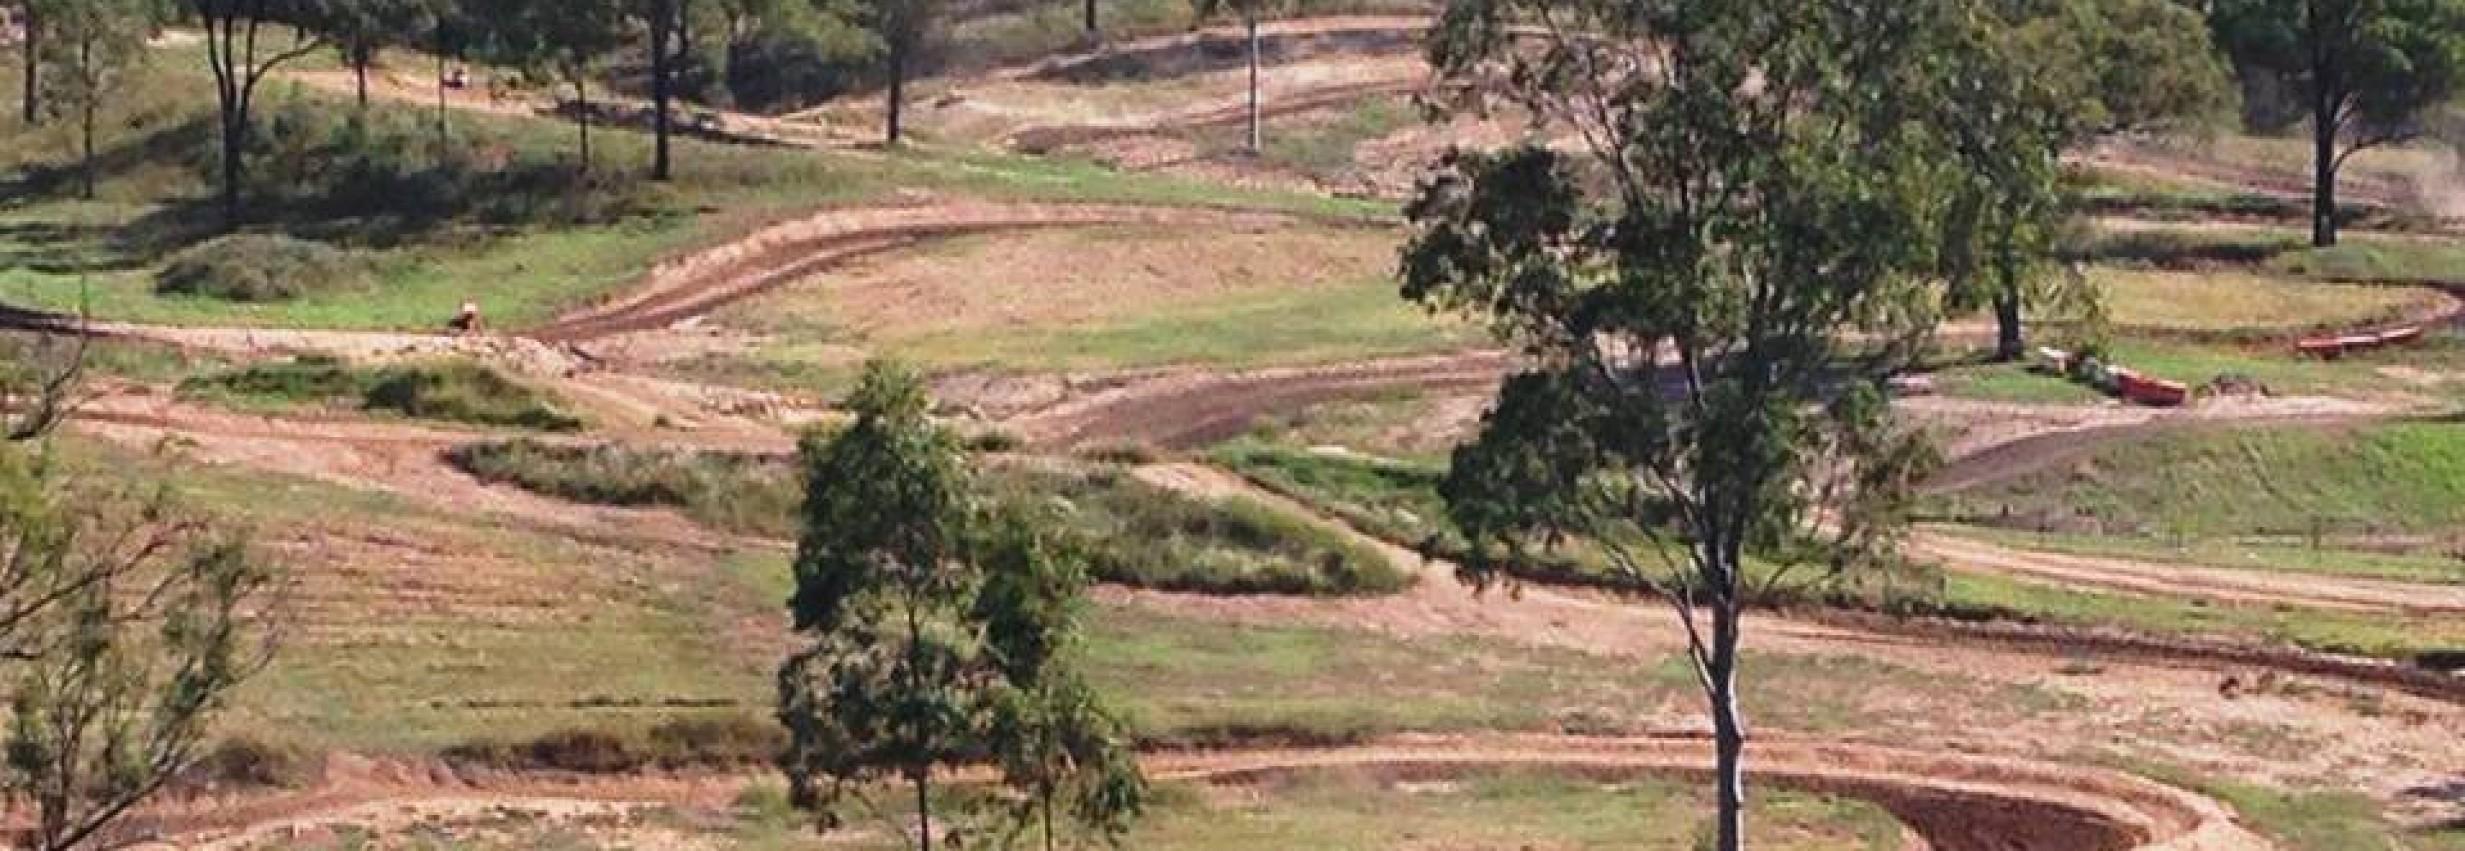 Queensland Moto Park (QMP)